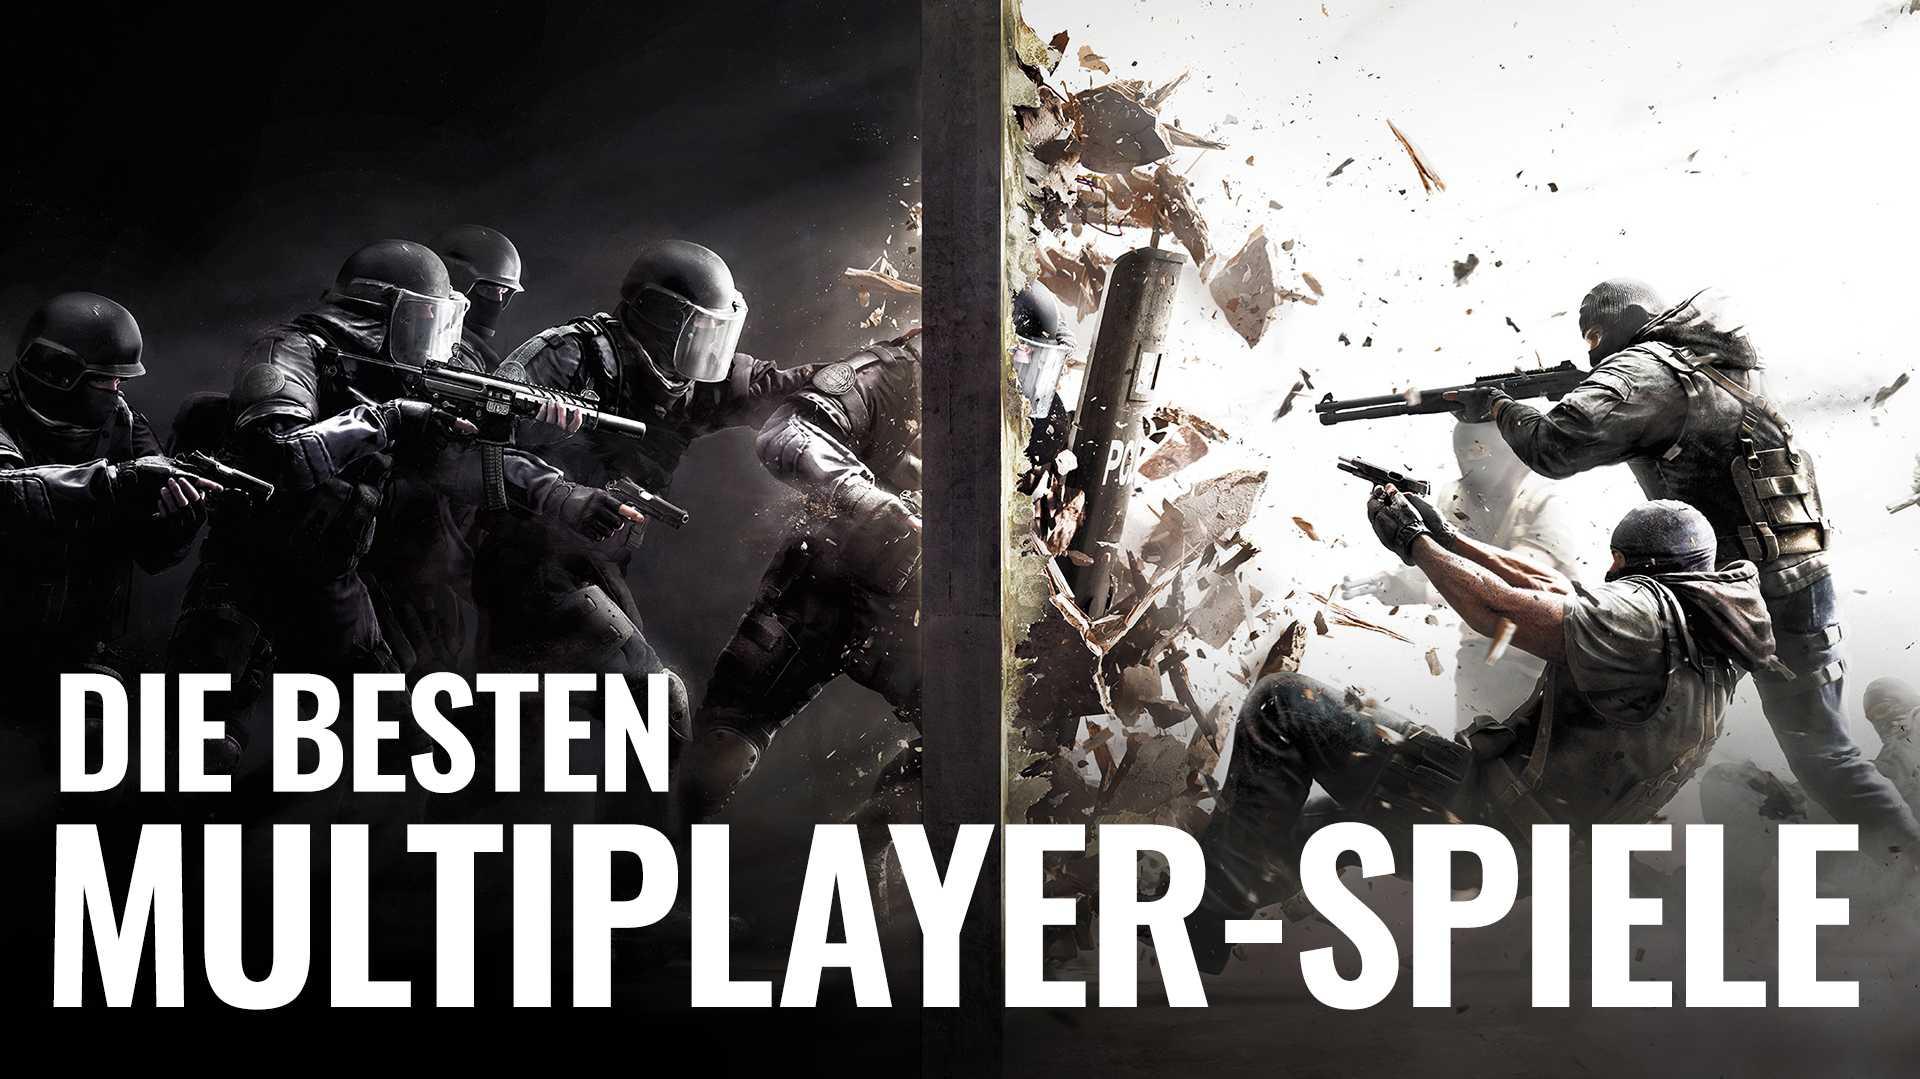 Die besten Multiplayer-Spiele für den PC